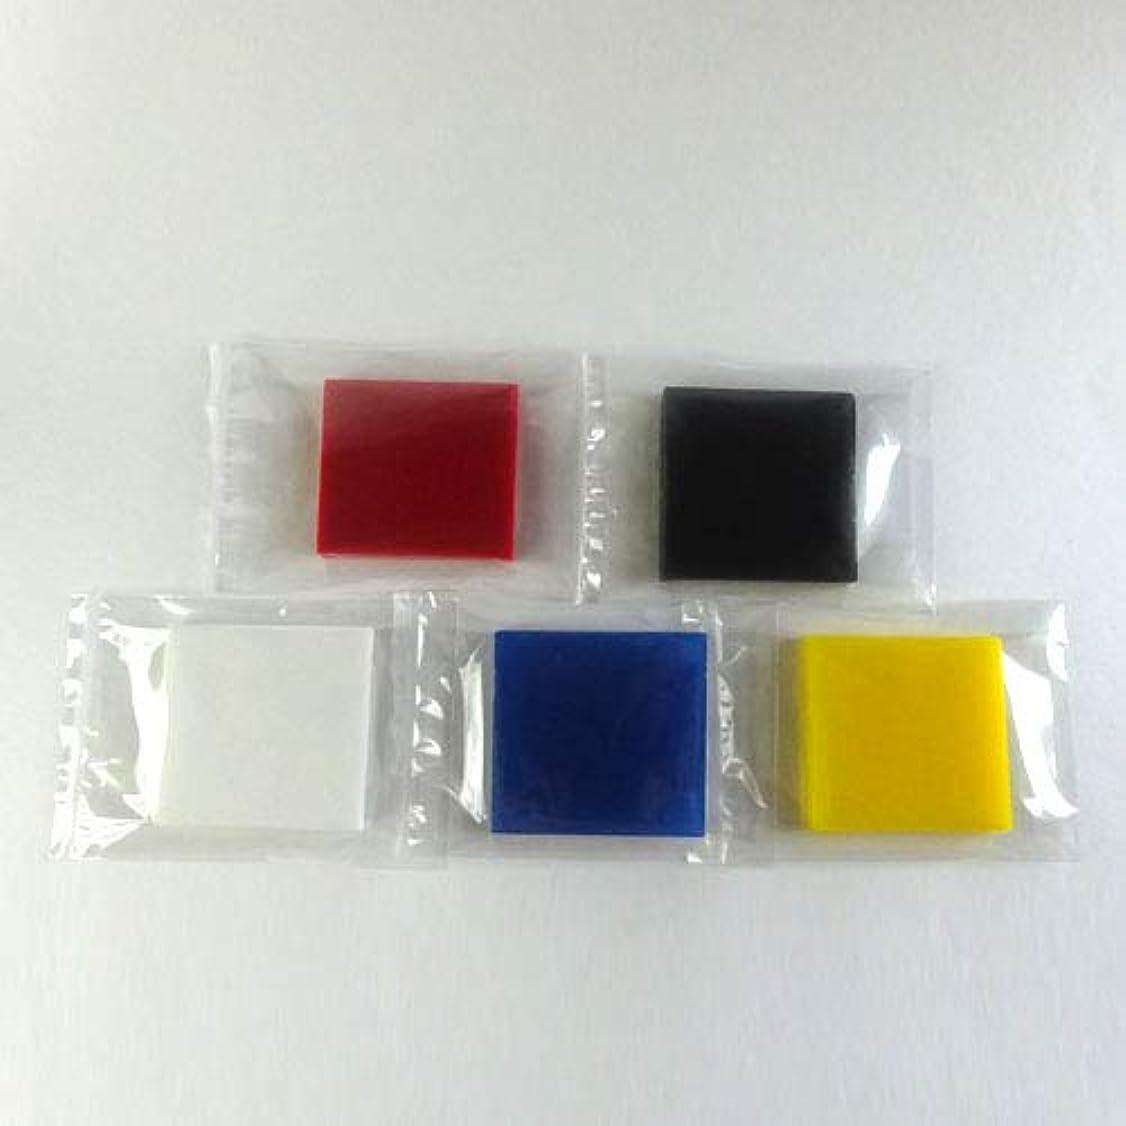 所有権スポークスマン逸脱グリセリンソープ MPソープ 色チップ 5色(赤?青?黄?白?黒) 各60g(30g x 2pc)